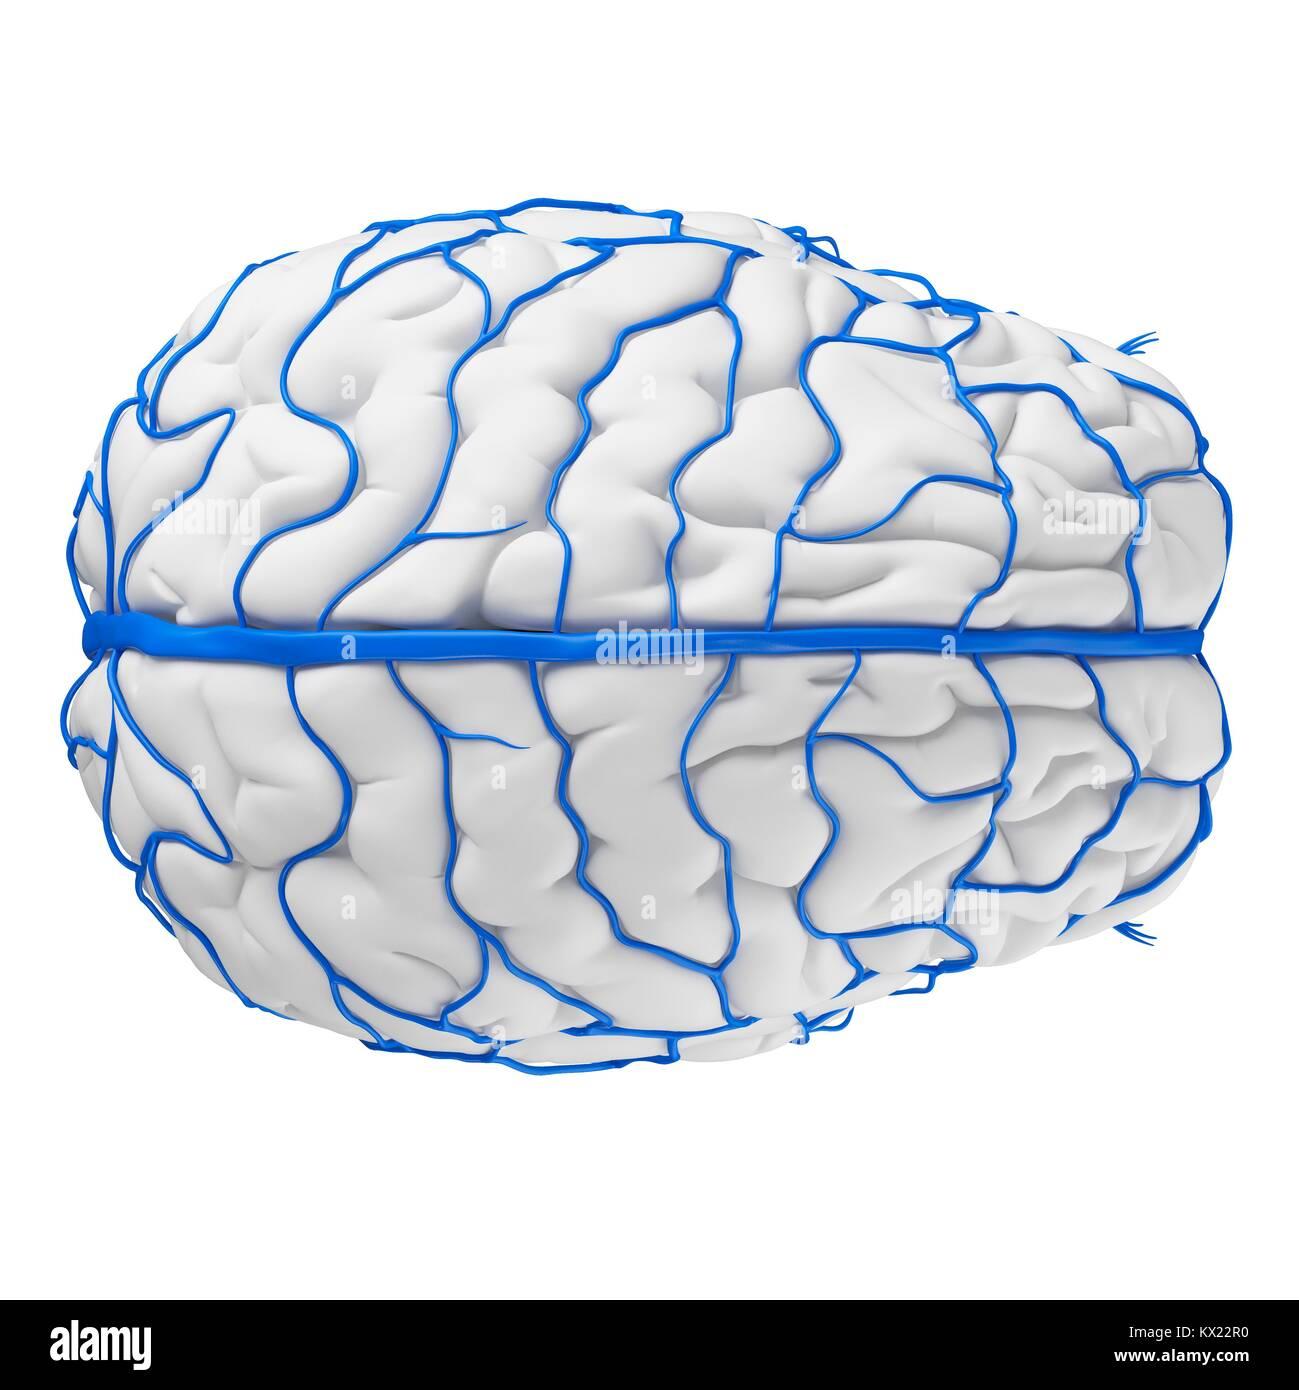 Tolle Gehirn Sinusvenenanatomie Fotos - Anatomie Von Menschlichen ...